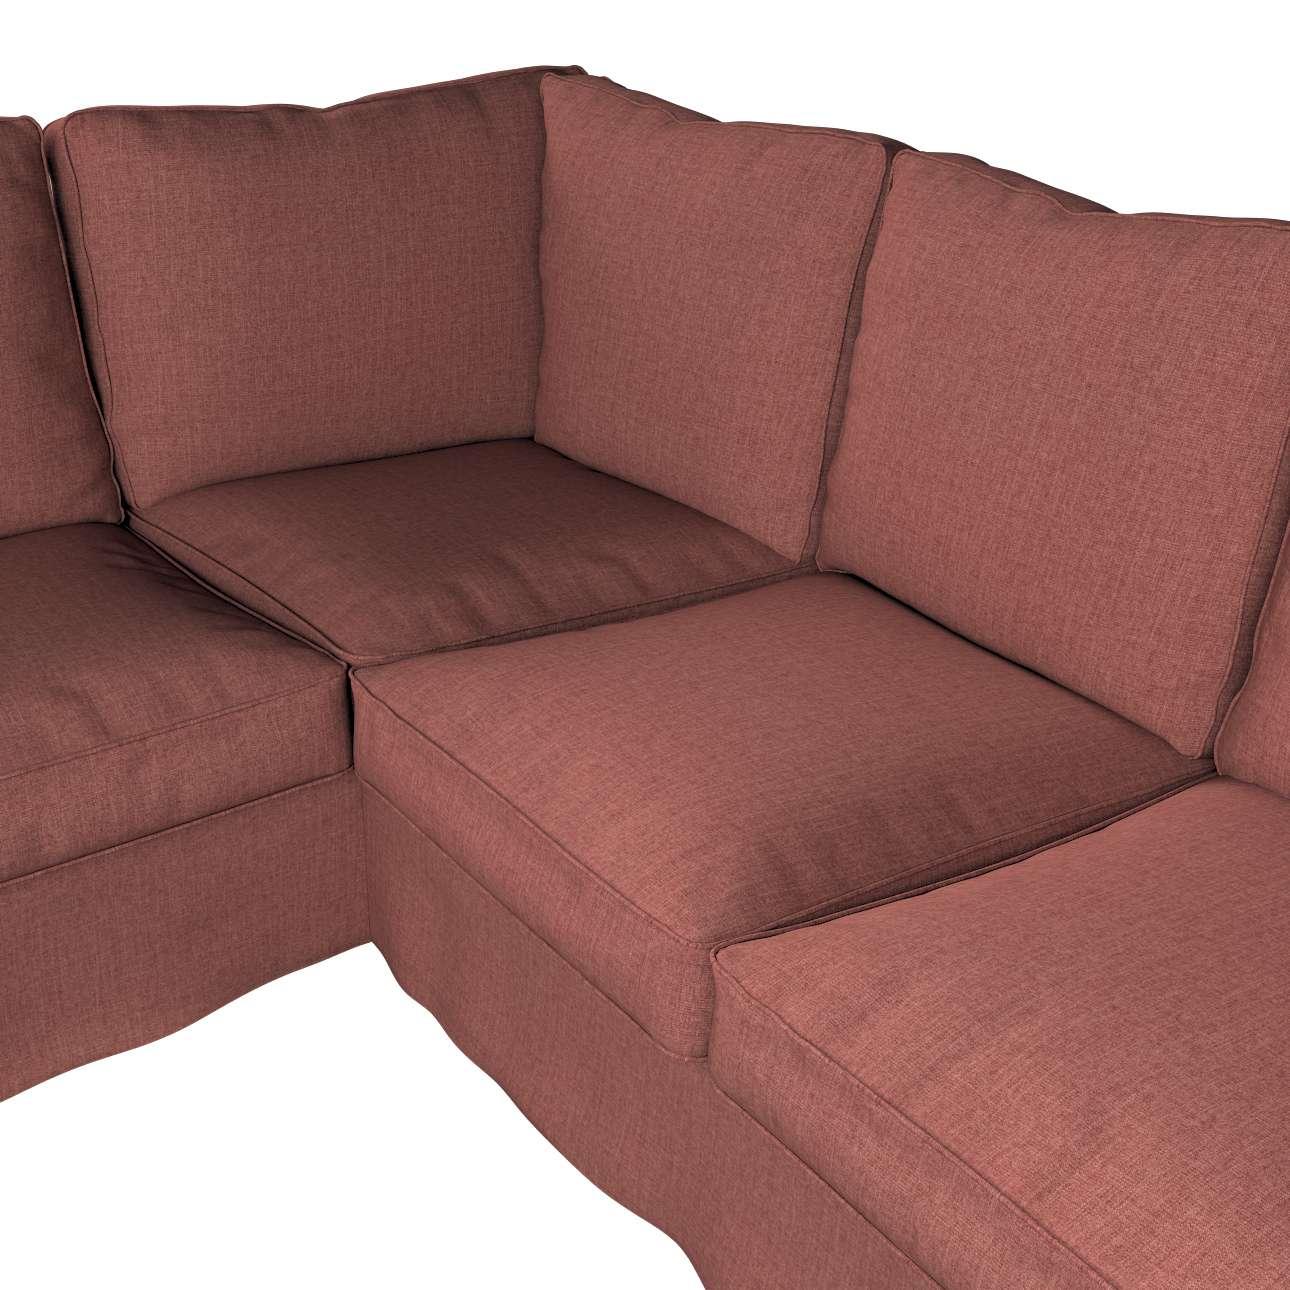 Pokrowiec na sofę narożną Ektorp w kolekcji City, tkanina: 704-84